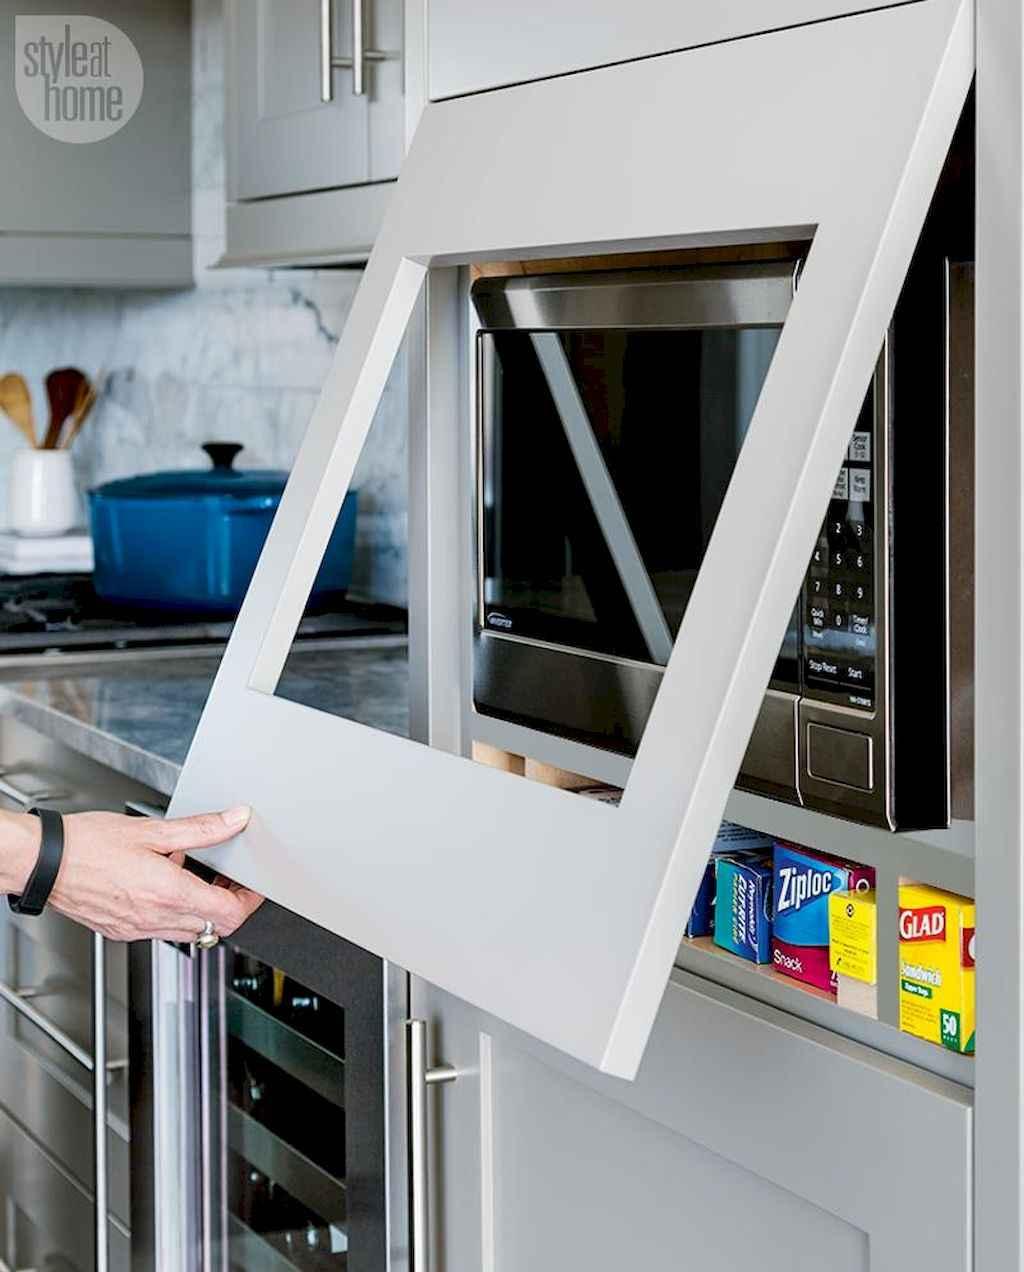 Ingenious hidden kitchen cabinet & storage solutions (52)